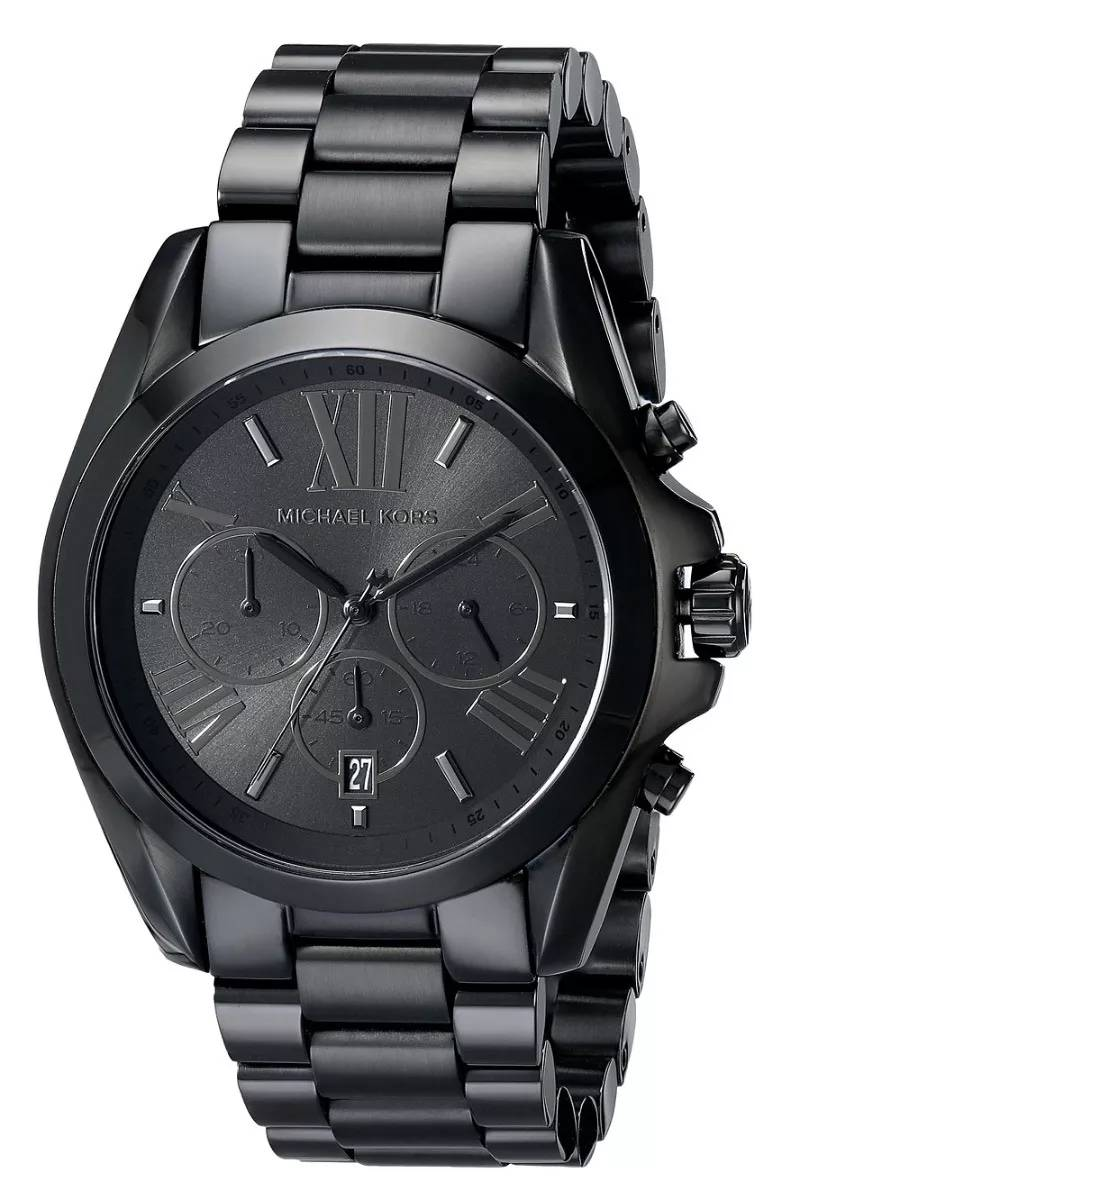 Relógio Michael Kors Masculino Quartz MK5550/1PI